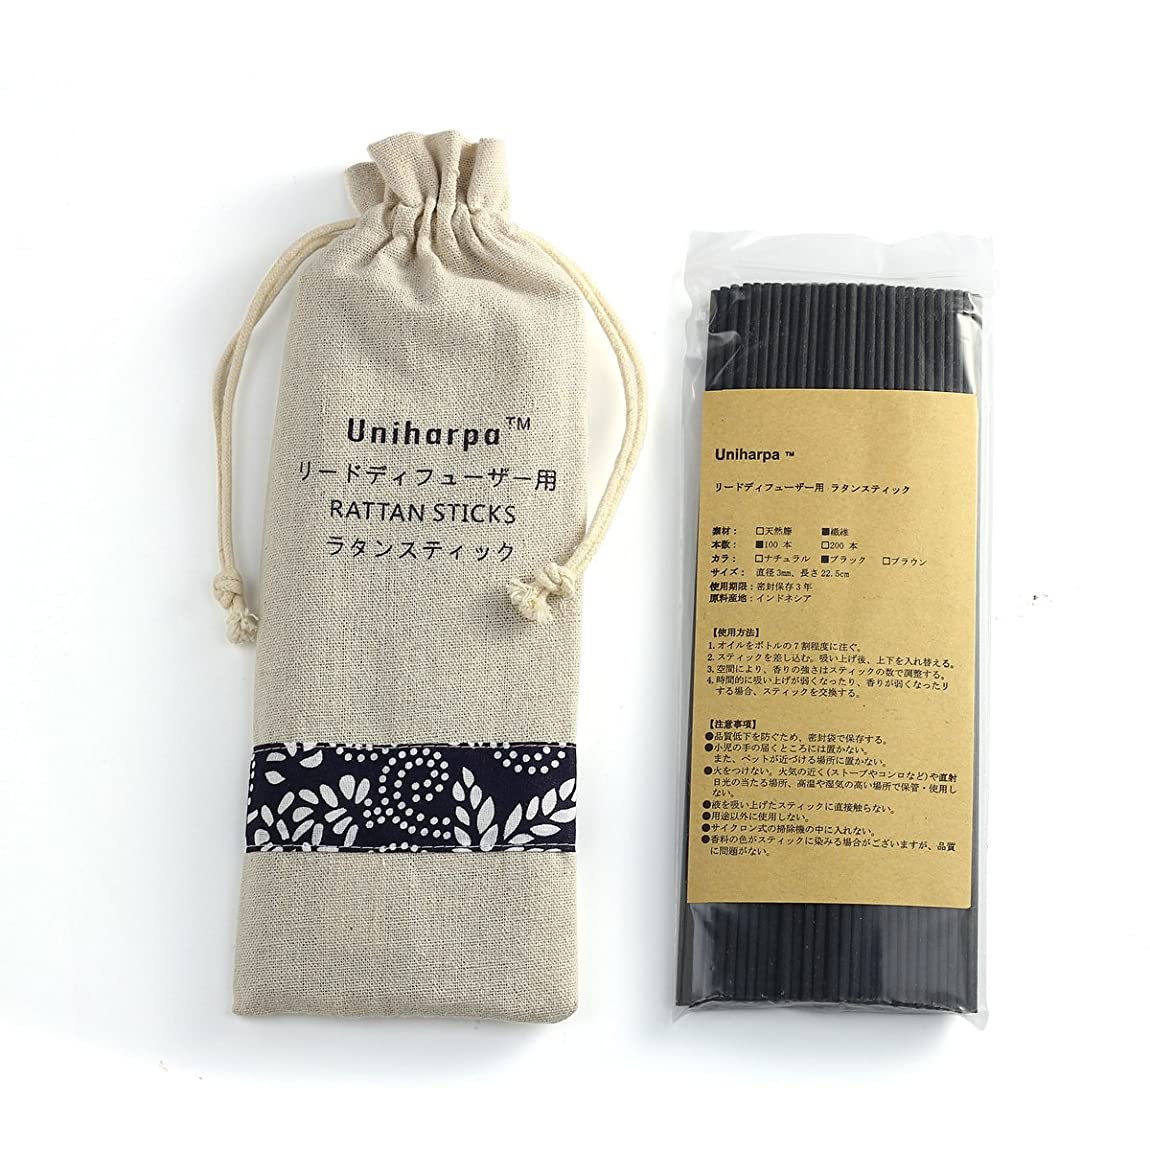 リードディフューザー用 ラタンスティック/リードスティック リフィル 繊維素材 22.5cm 直径3mm 100本入 乾燥剤入り オリジナル旅行専用袋付 (ブラック)